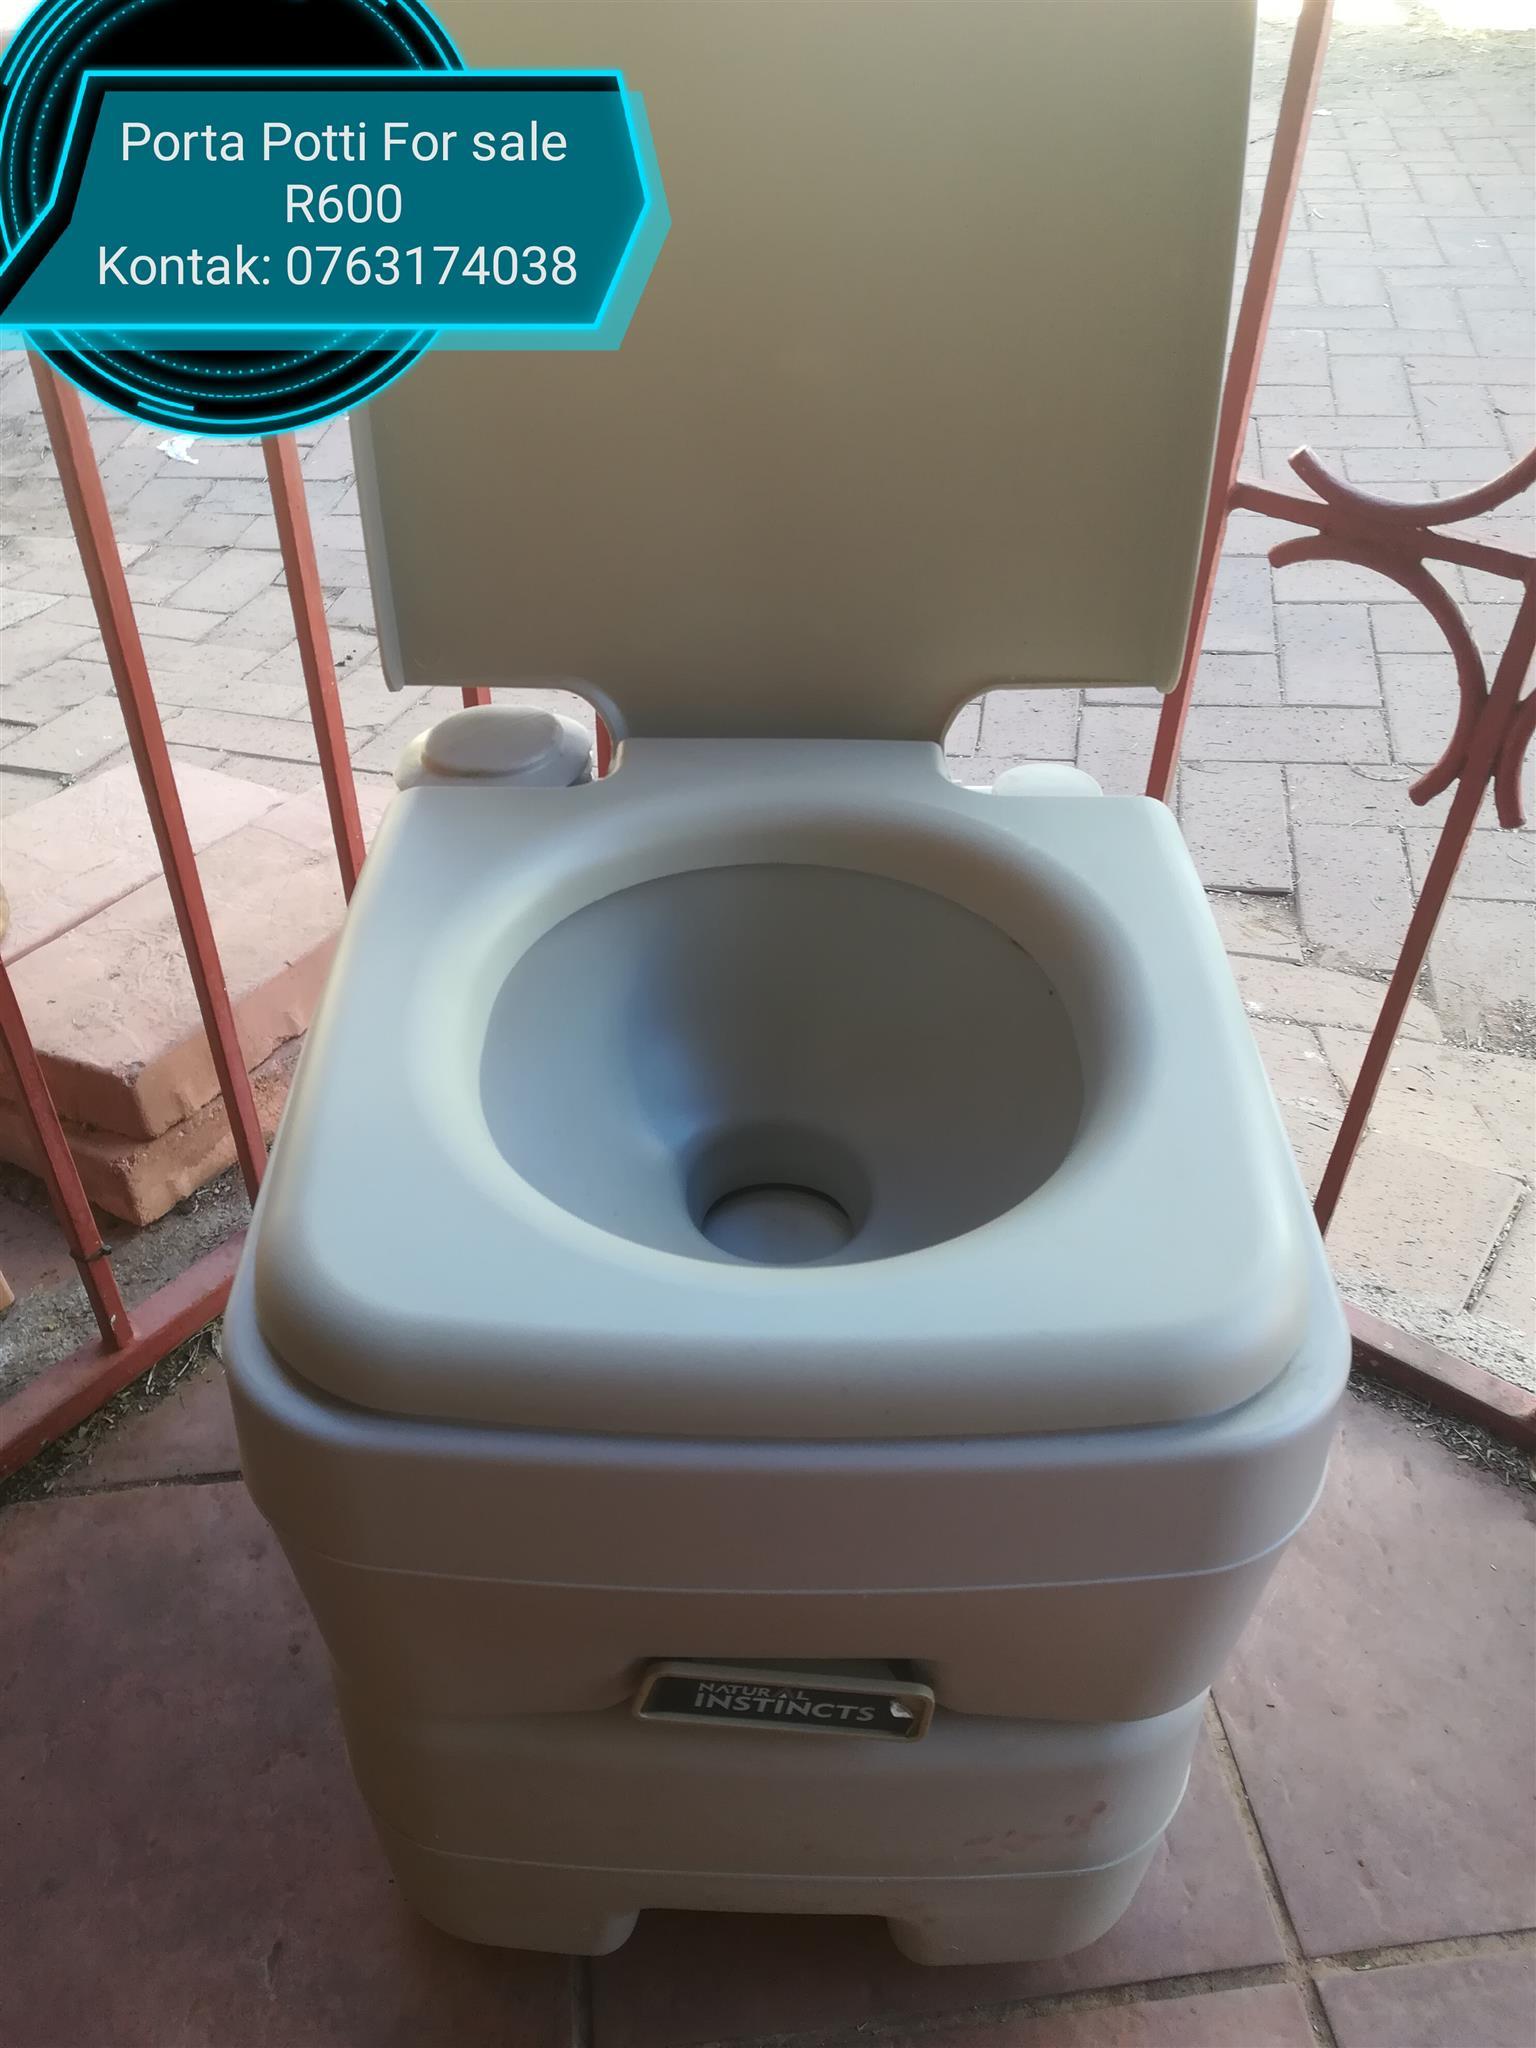 Porta potti for sale